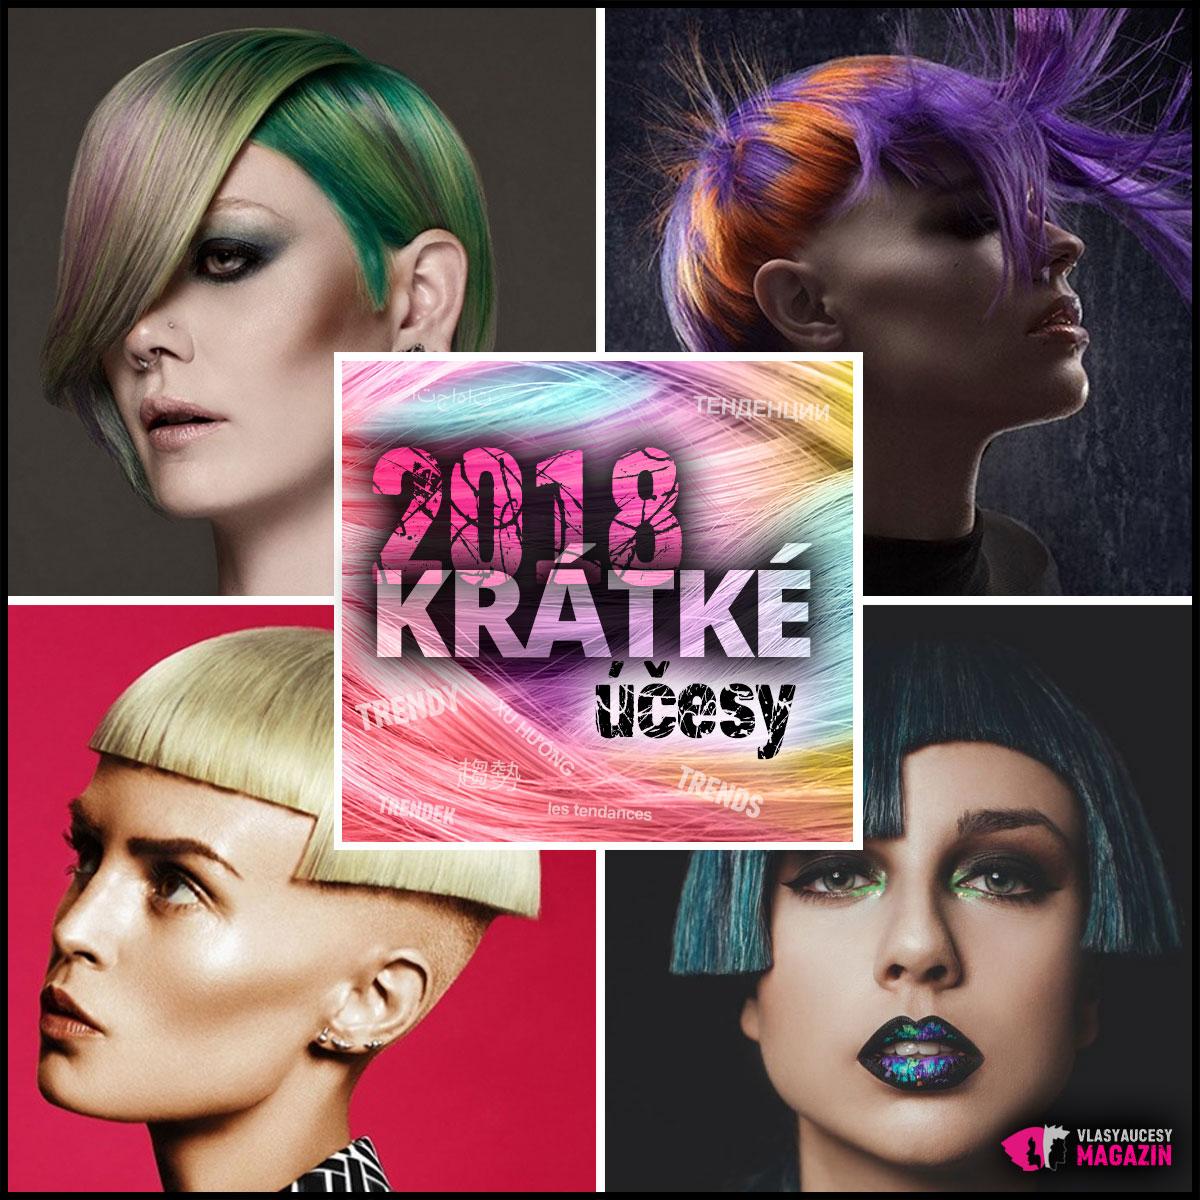 Účesy pro krátké vlasy 2018 milují netradiční ofiny, mnohdy stažené z vrchních partií hlavy. Hrají si s podholením, prostříháváním, asymetrií i různou délkou střihu.